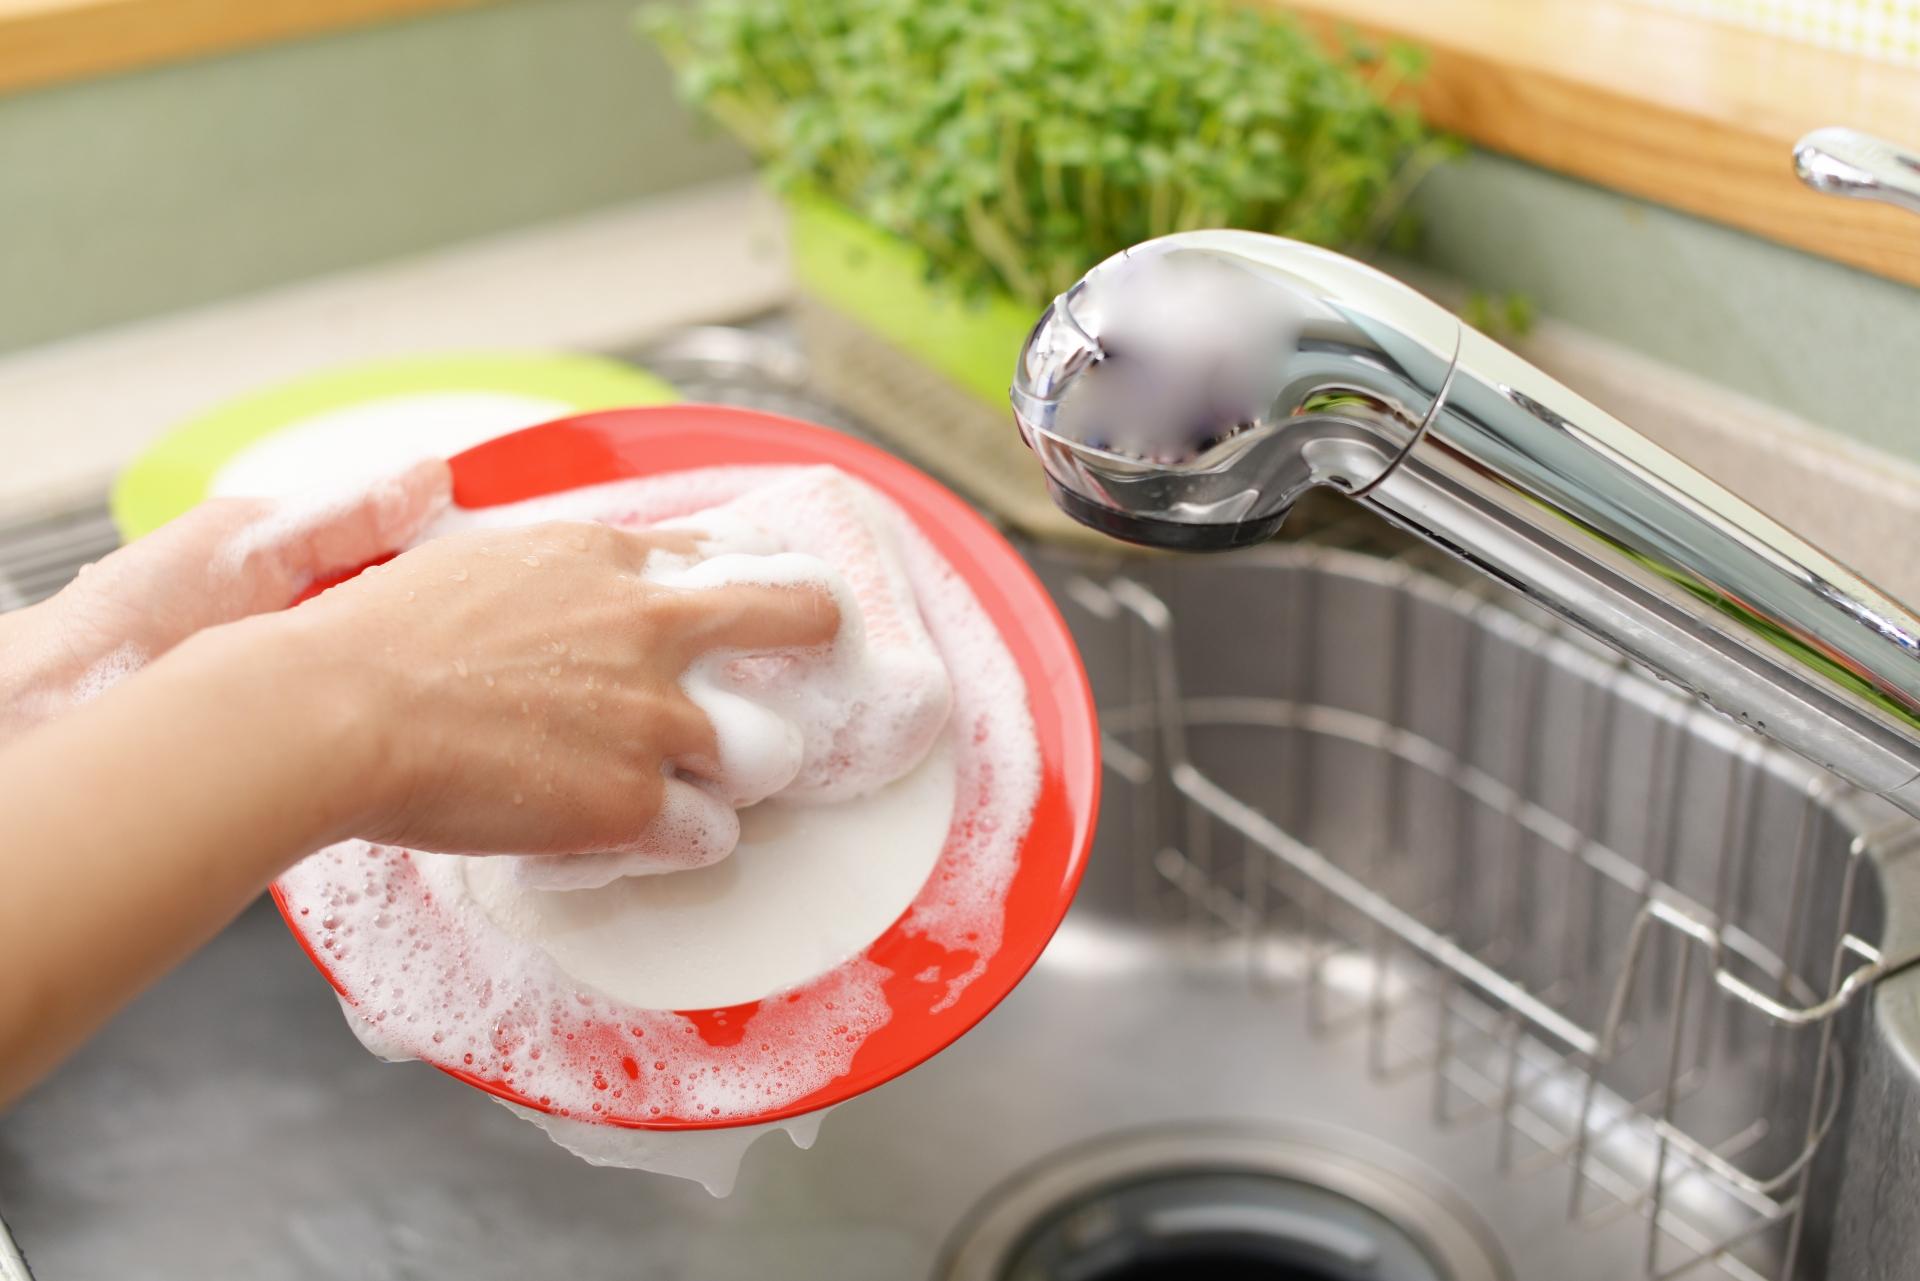 合成洗剤,ヤシの実洗剤,ヤシノミ洗剤